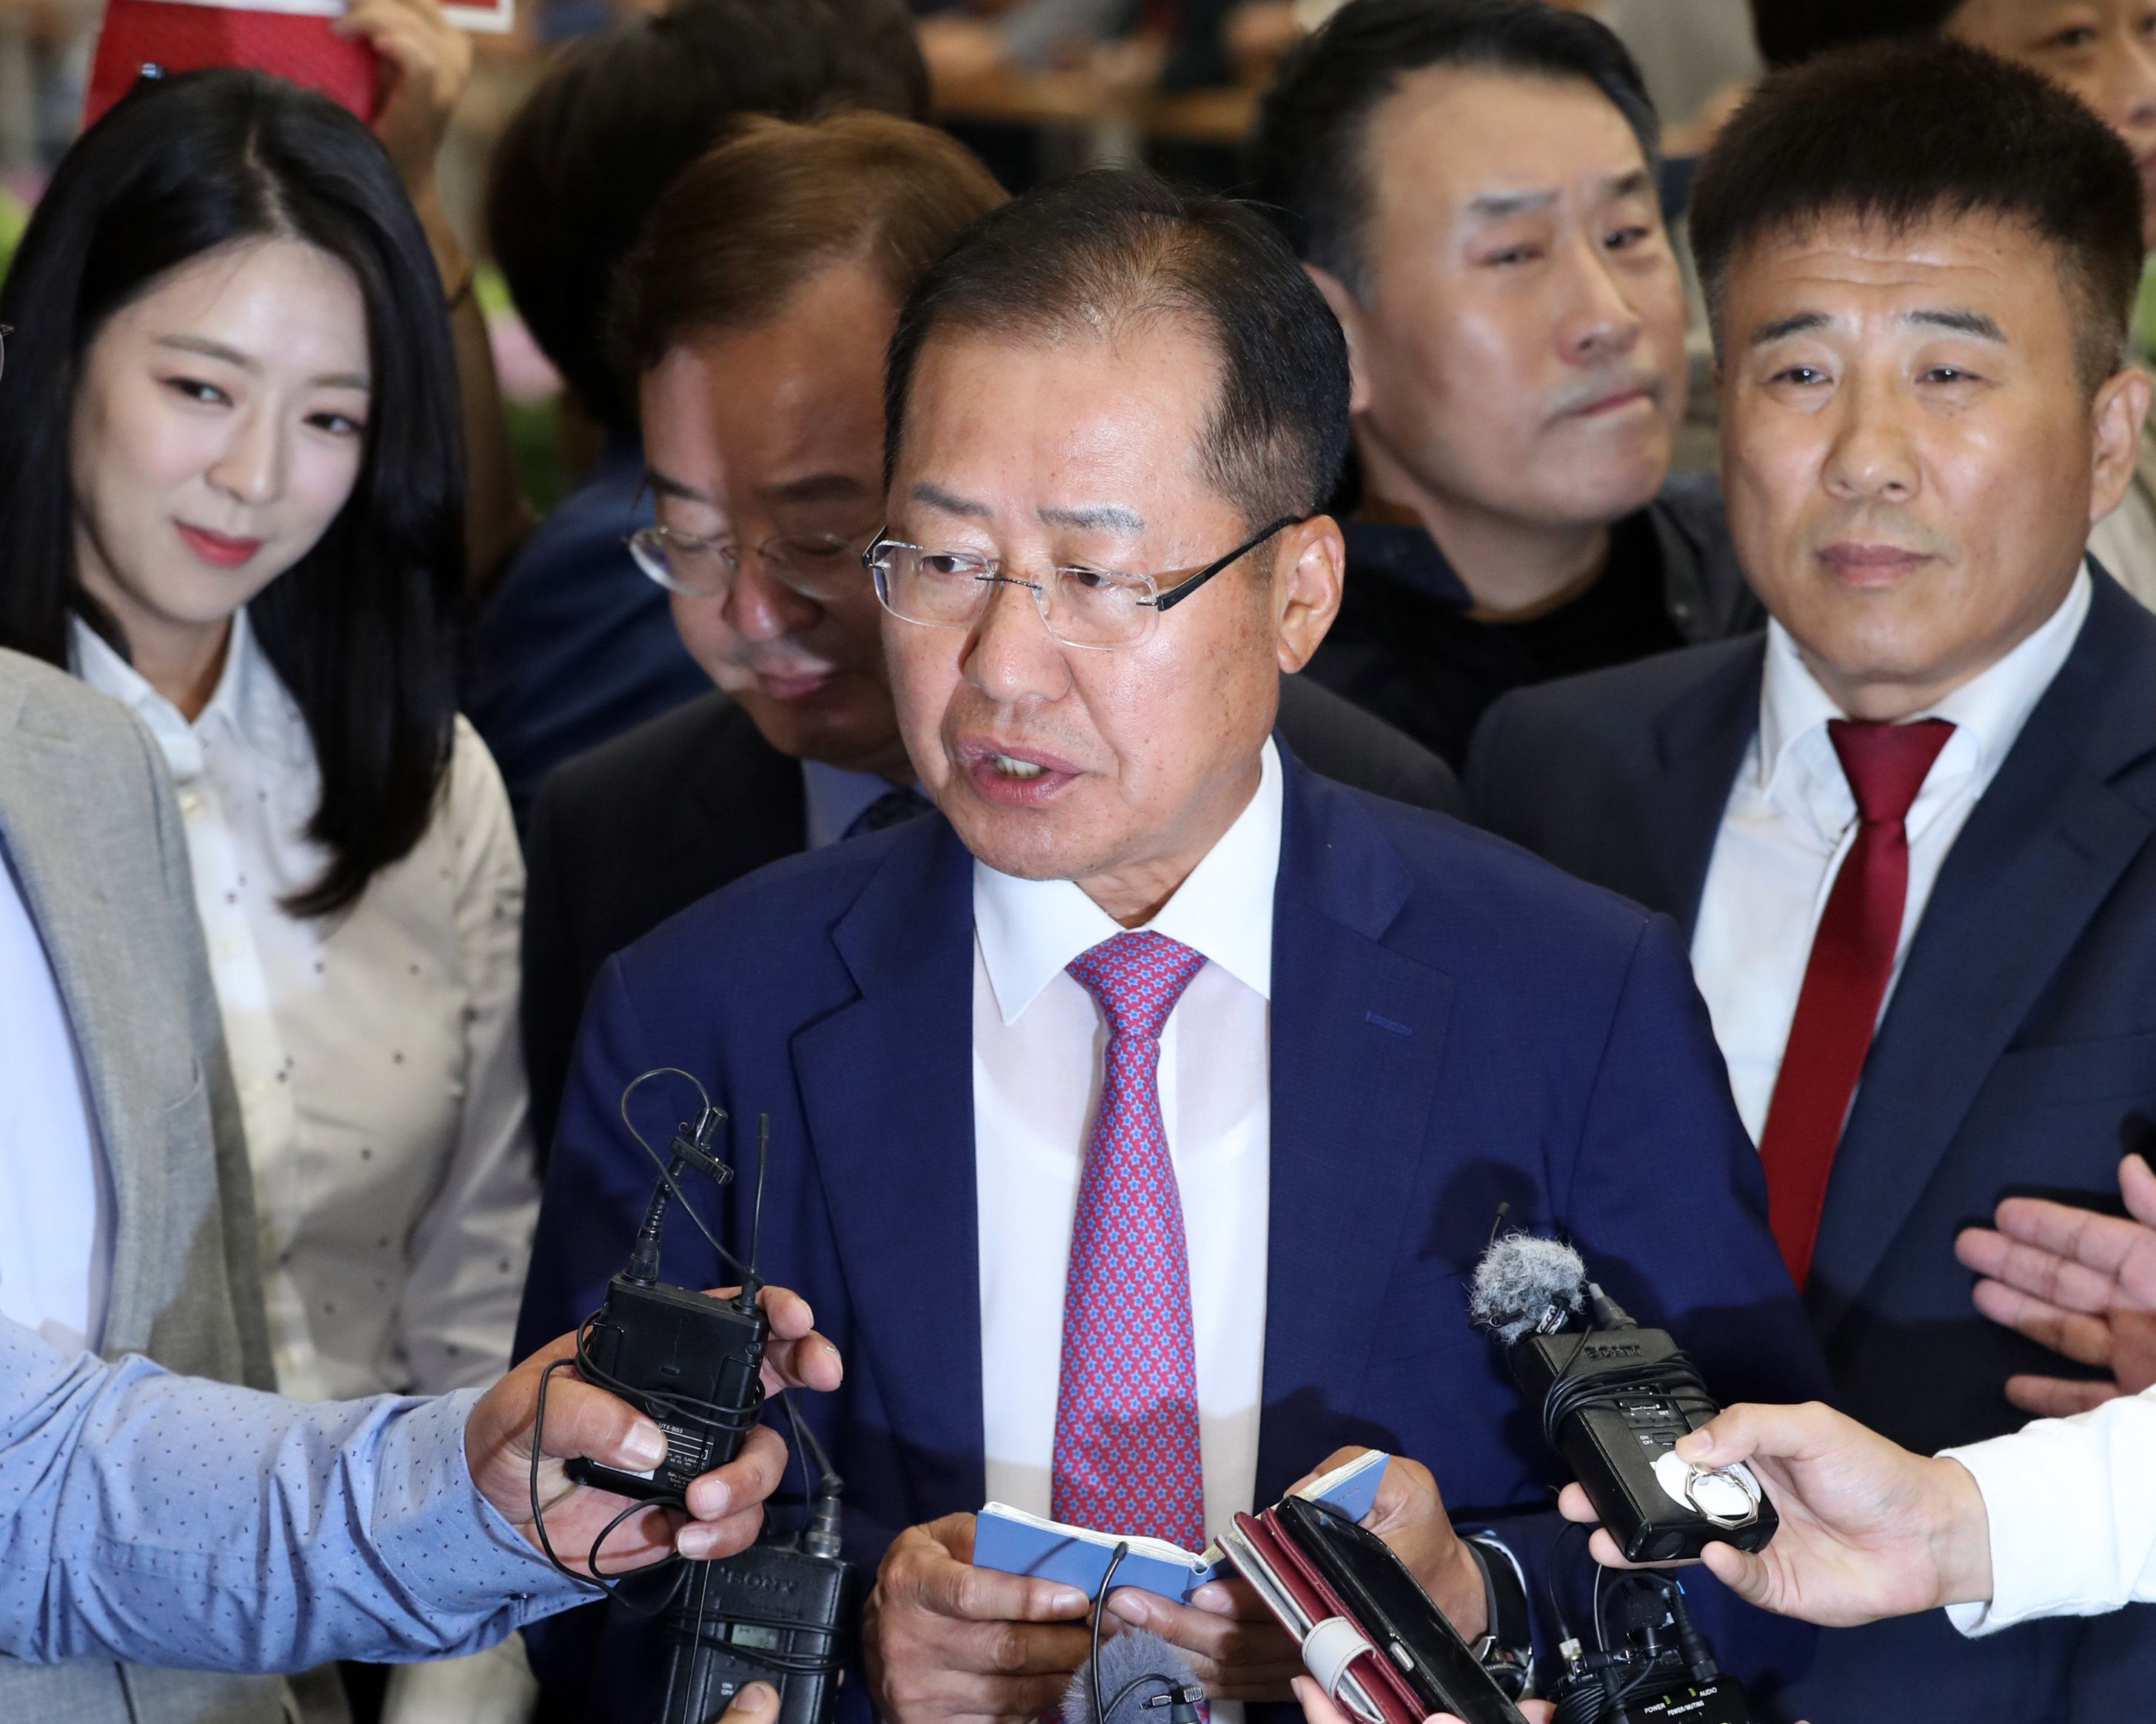 홍준표 전 대표가 '더는 침묵하지 않겠다'고 선언했다